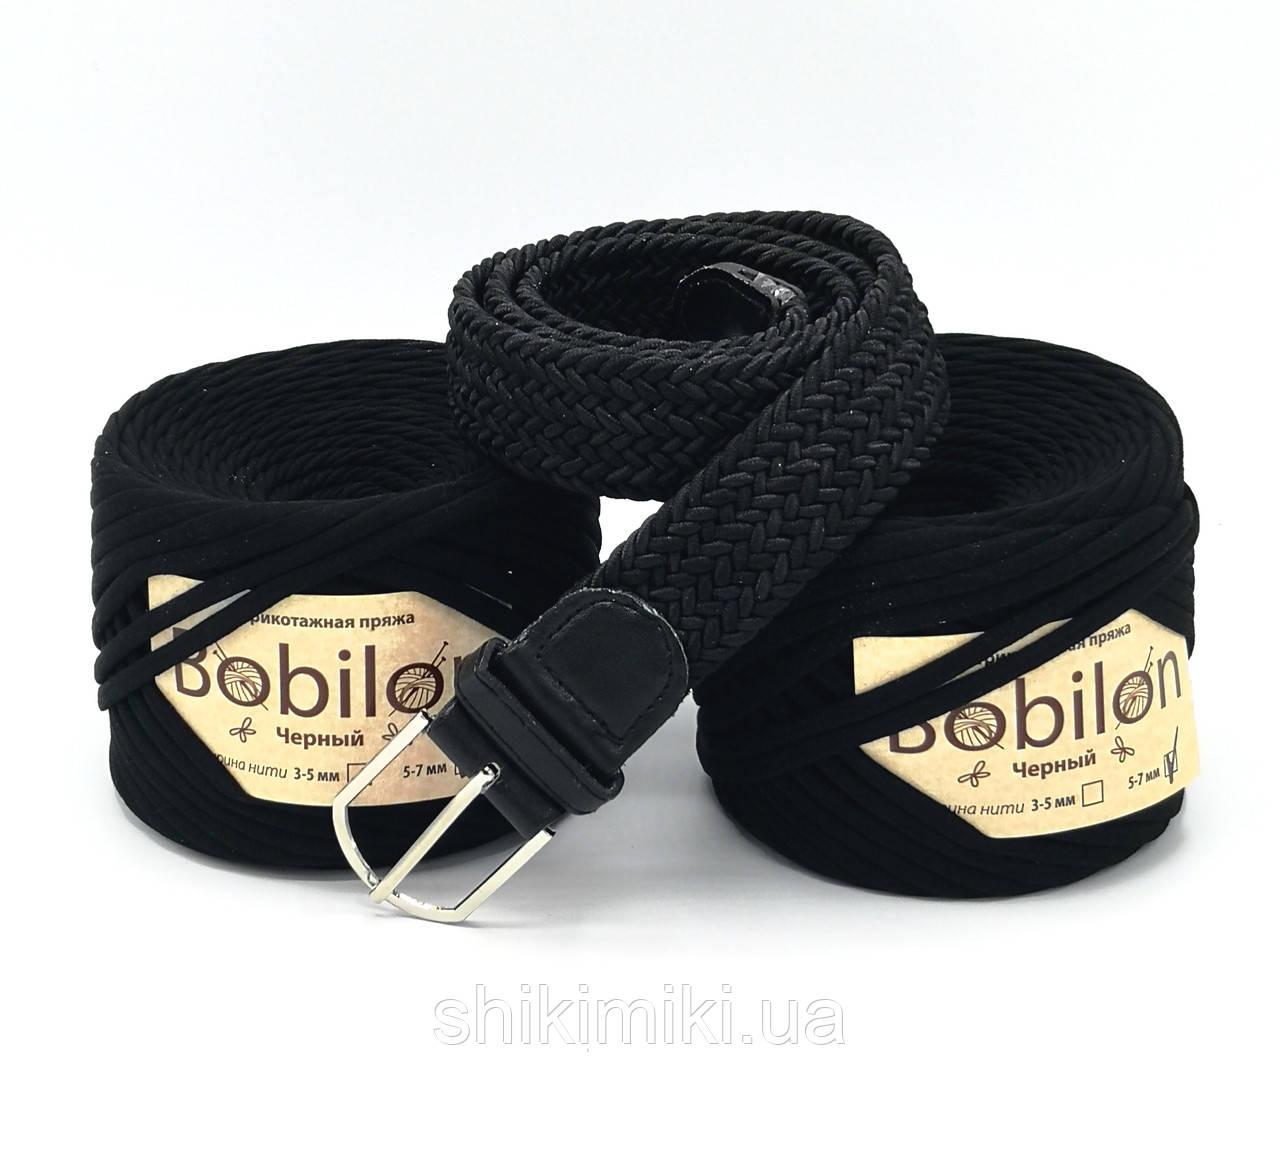 """Набор для вязания Поясной сумки """"Вояж"""",цвет Черный"""